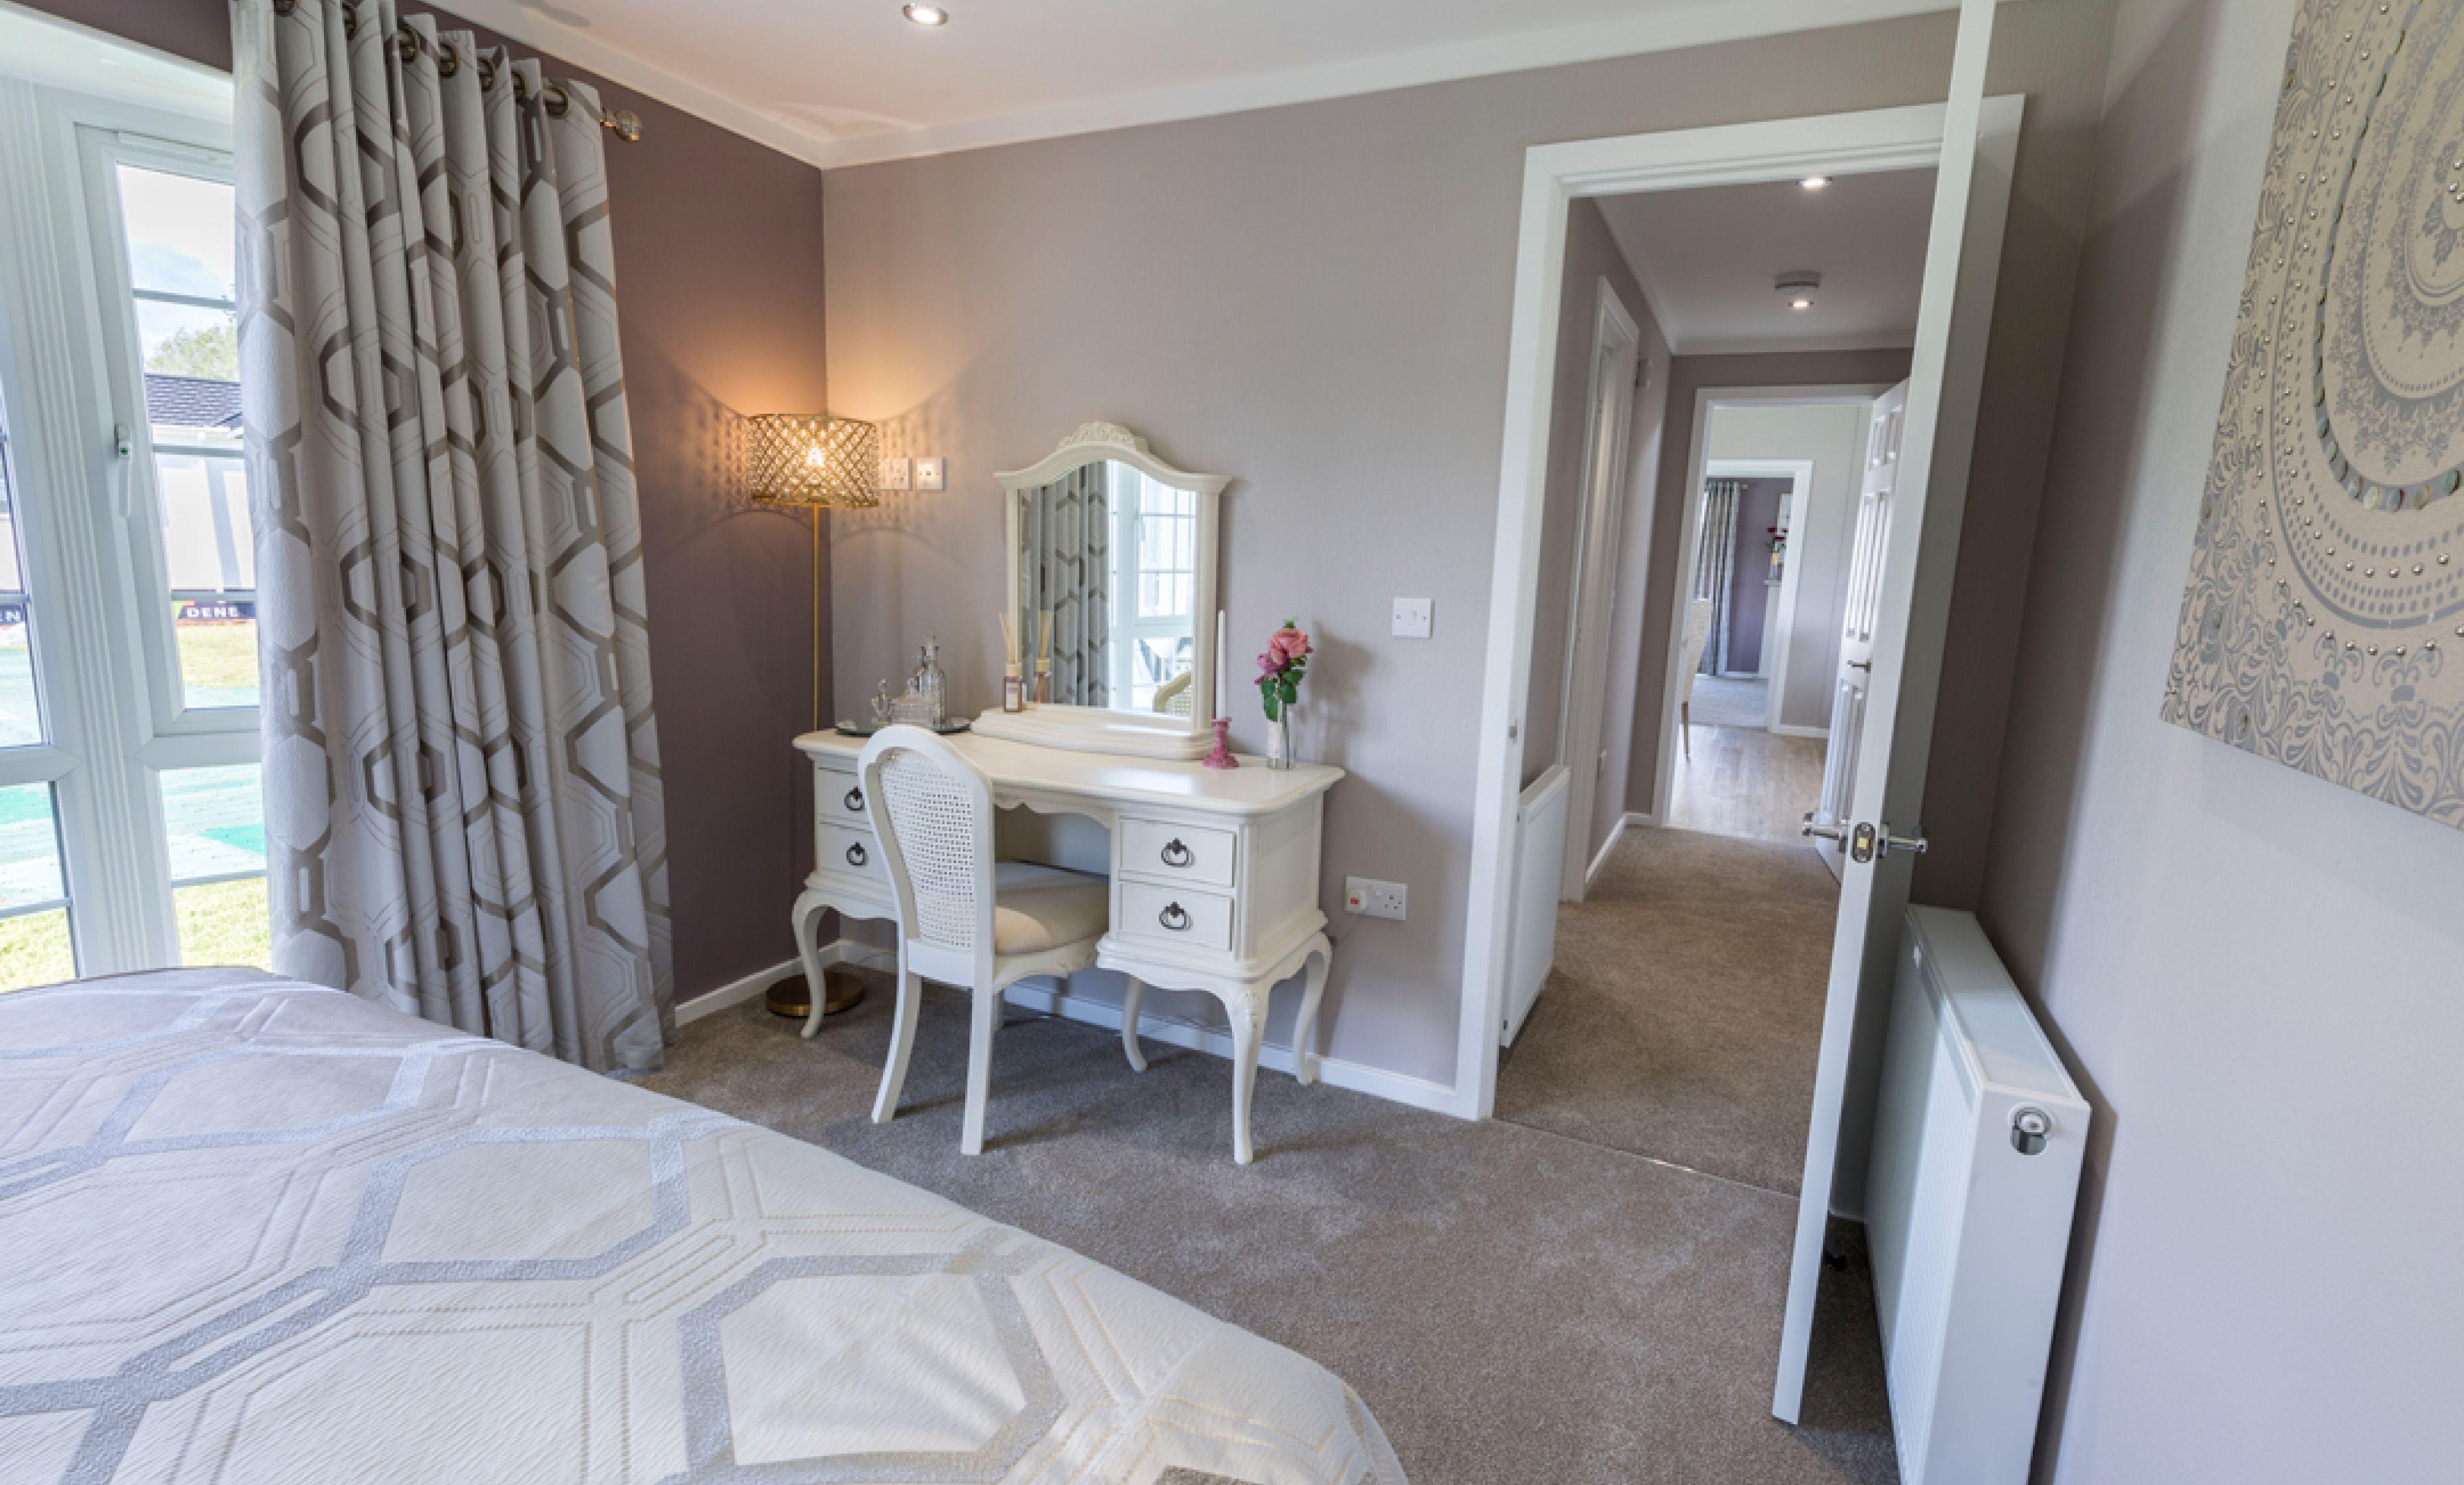 The Regency Classic bedroom